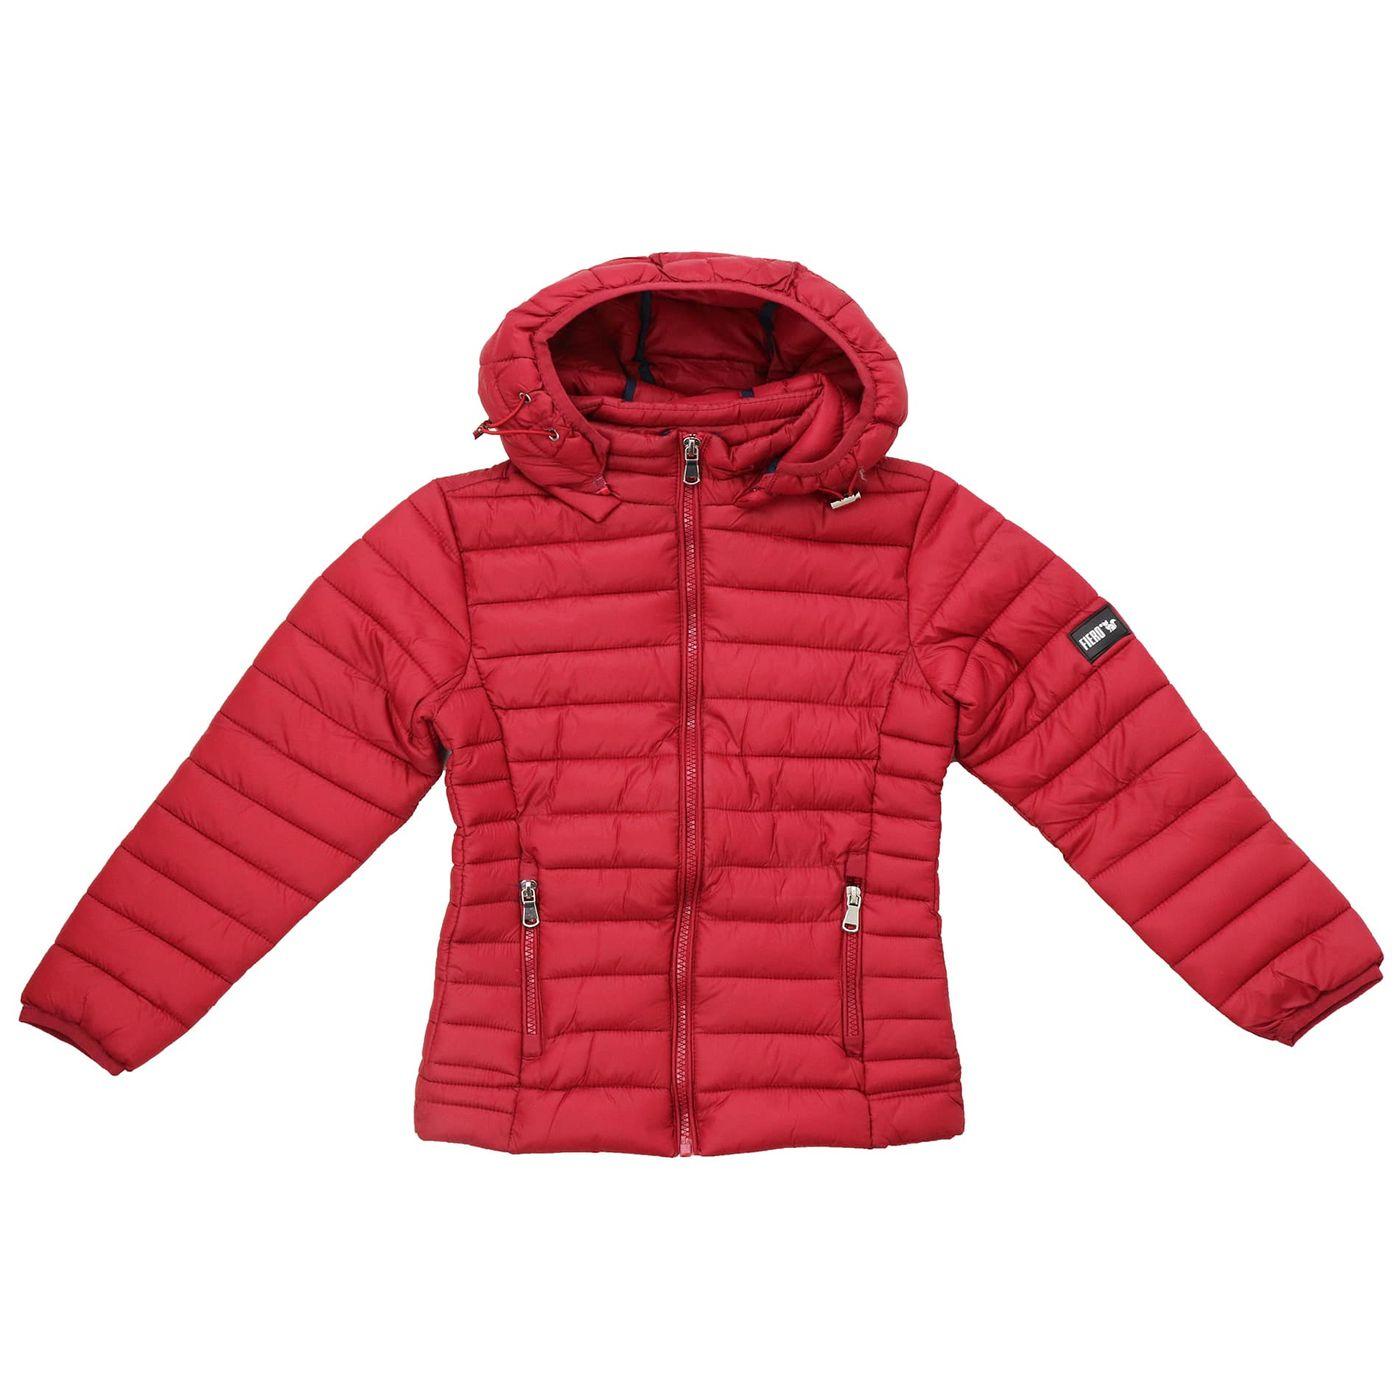 1351878aee Jaqueta infantil Glacial para o frio e dias de inverno - fieroshop